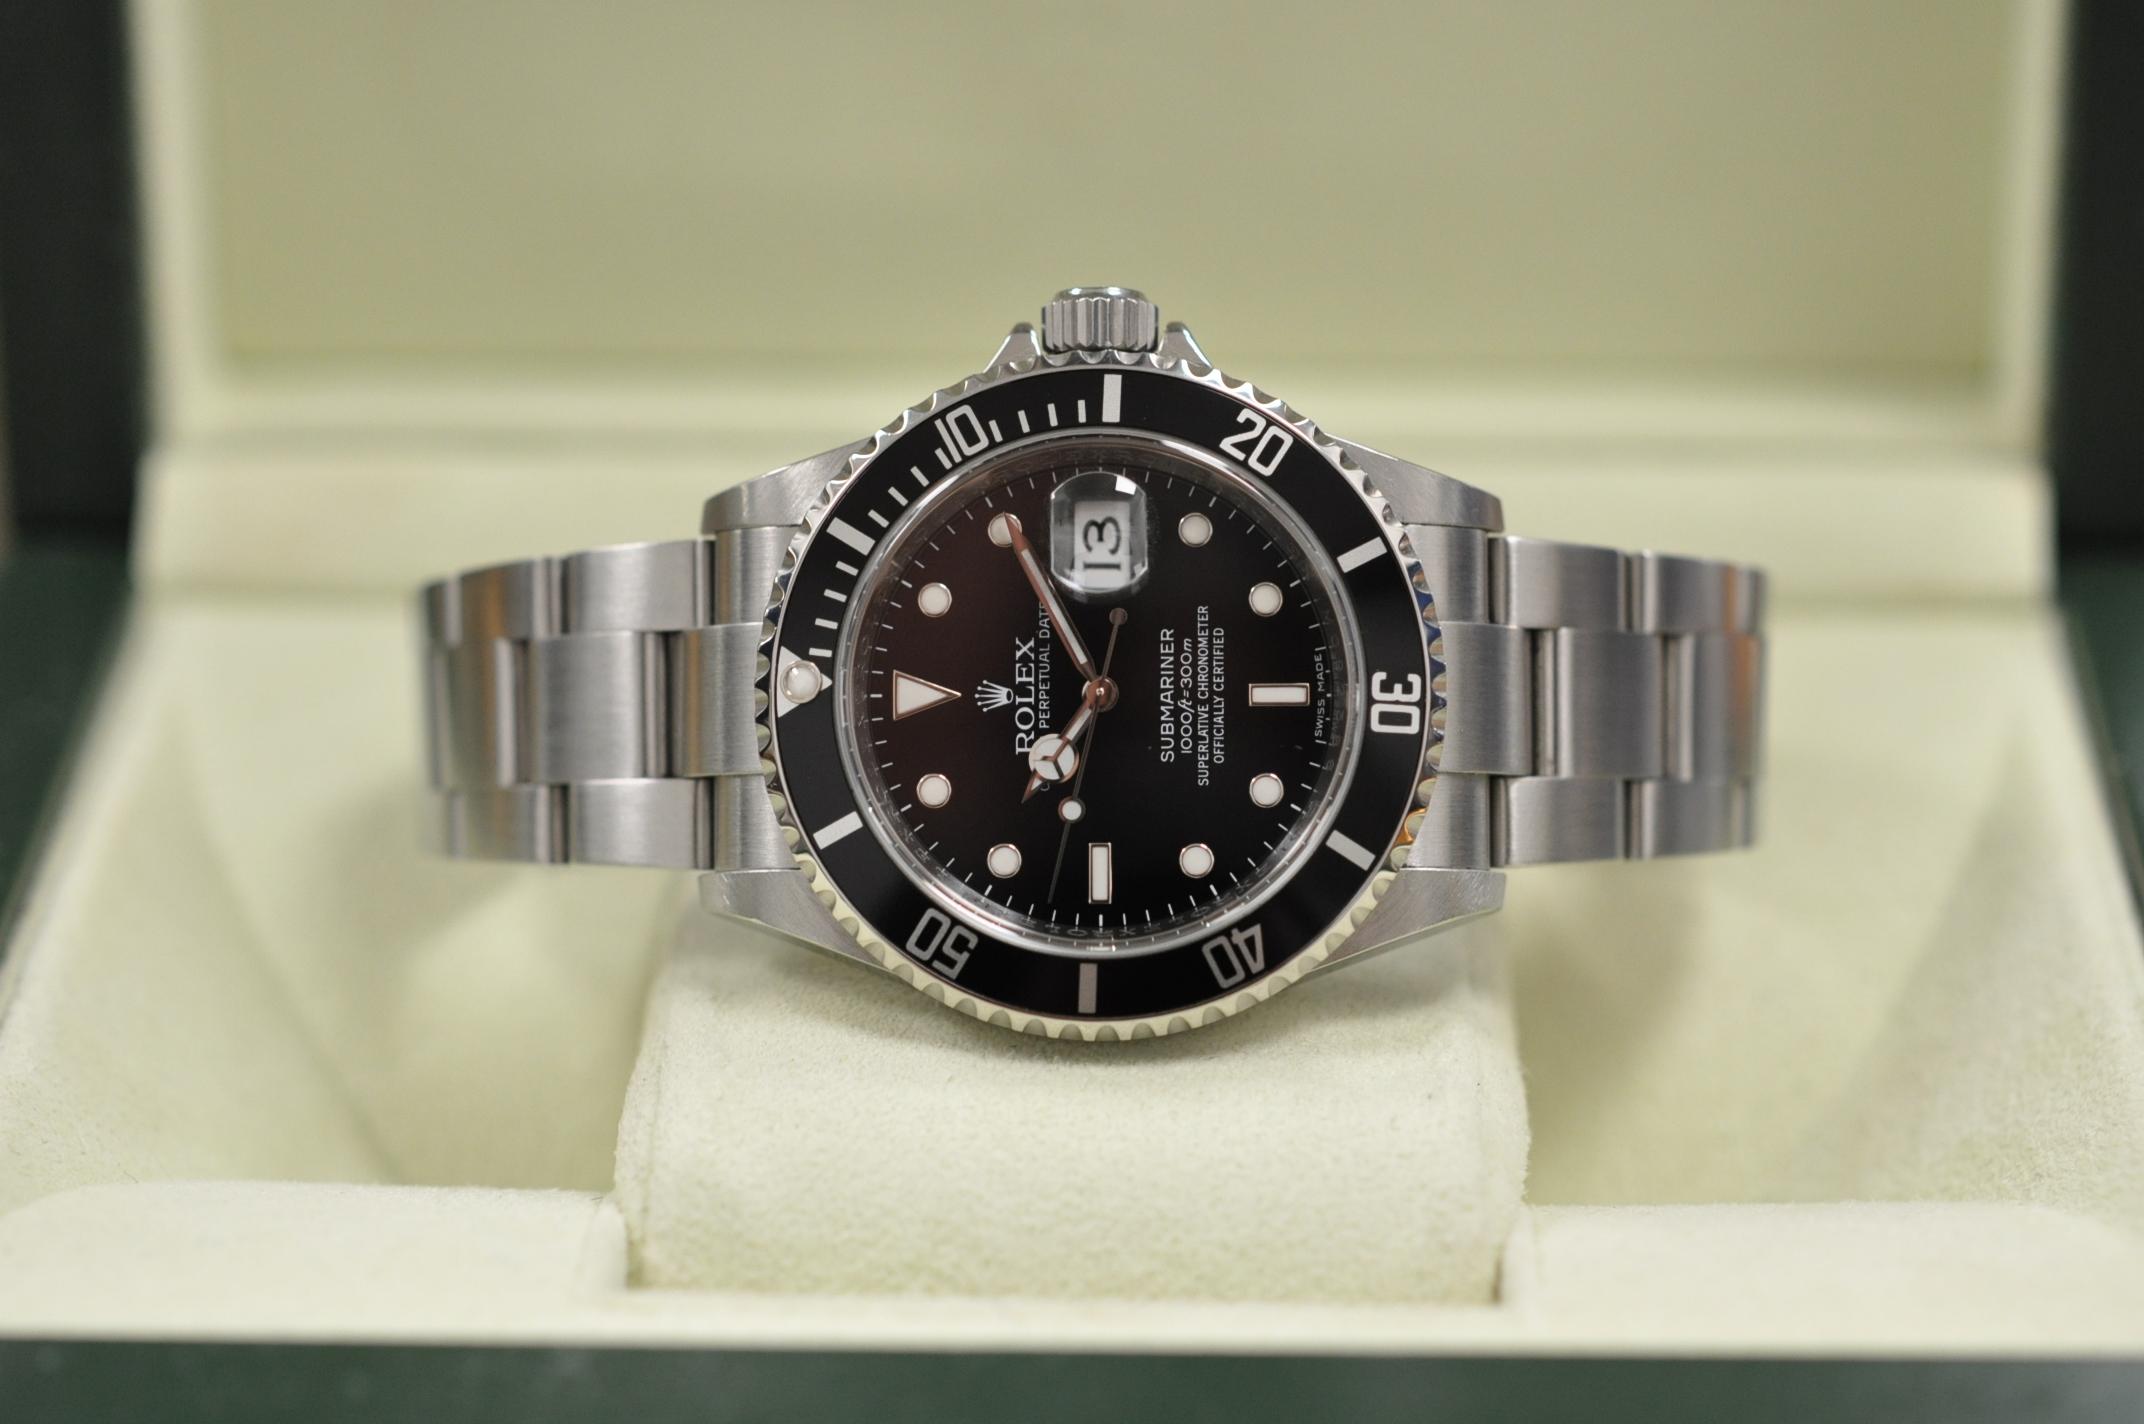 2008 Submariner-Date 16610